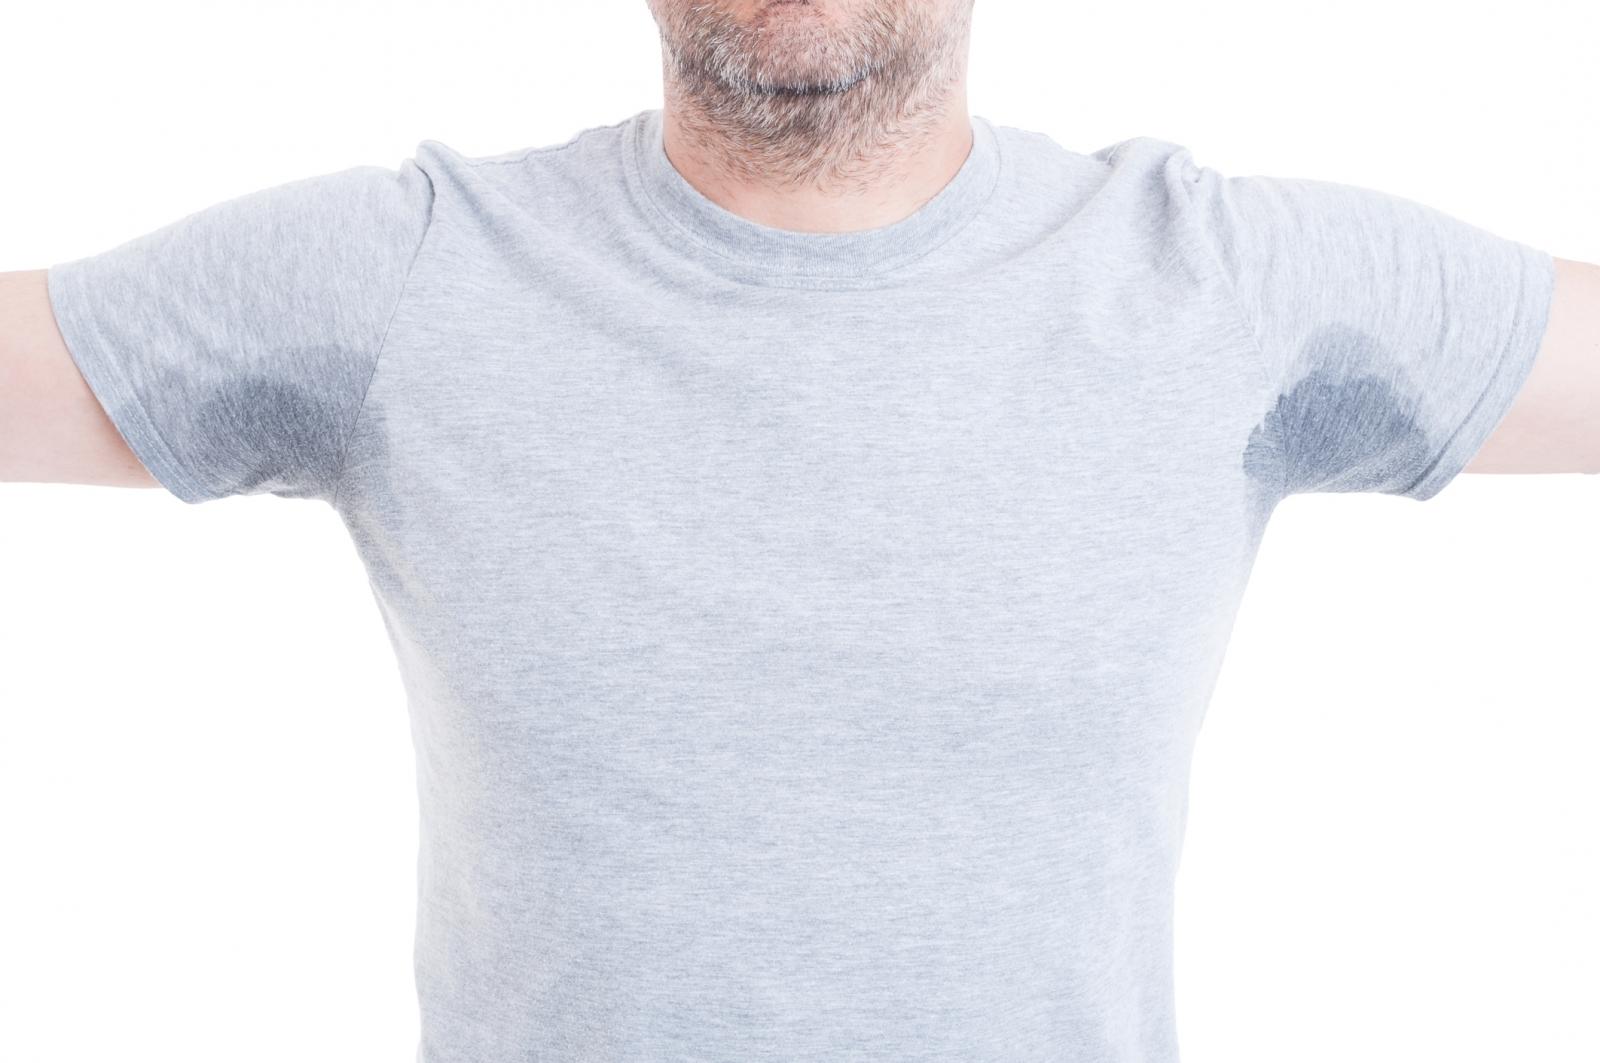 ۱۵ درمان خانگی شگفت انگیز برای بوی بد بدن